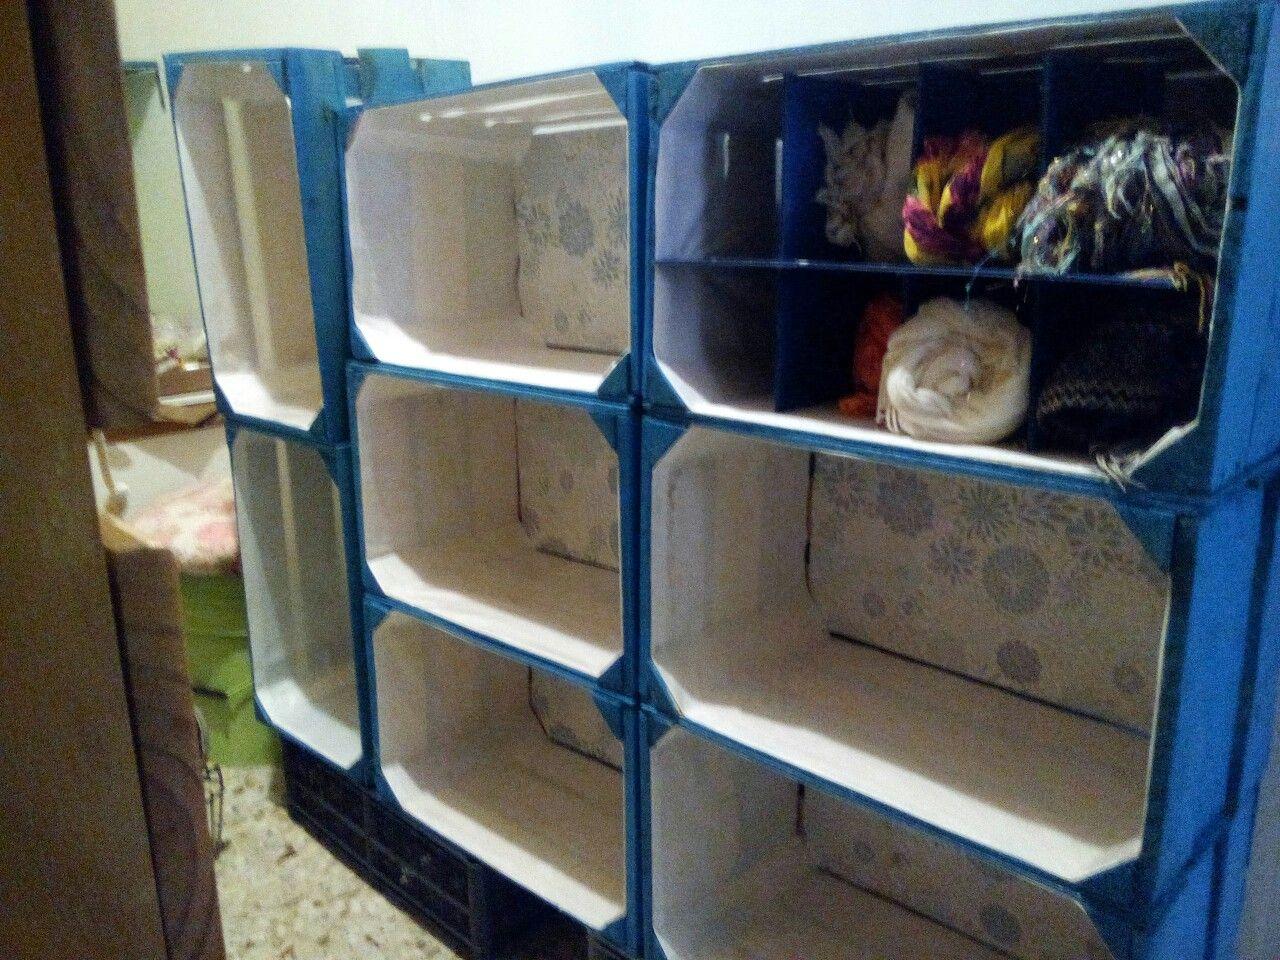 Cajonera hecha con cajas para verduras. Pintadas y forradas